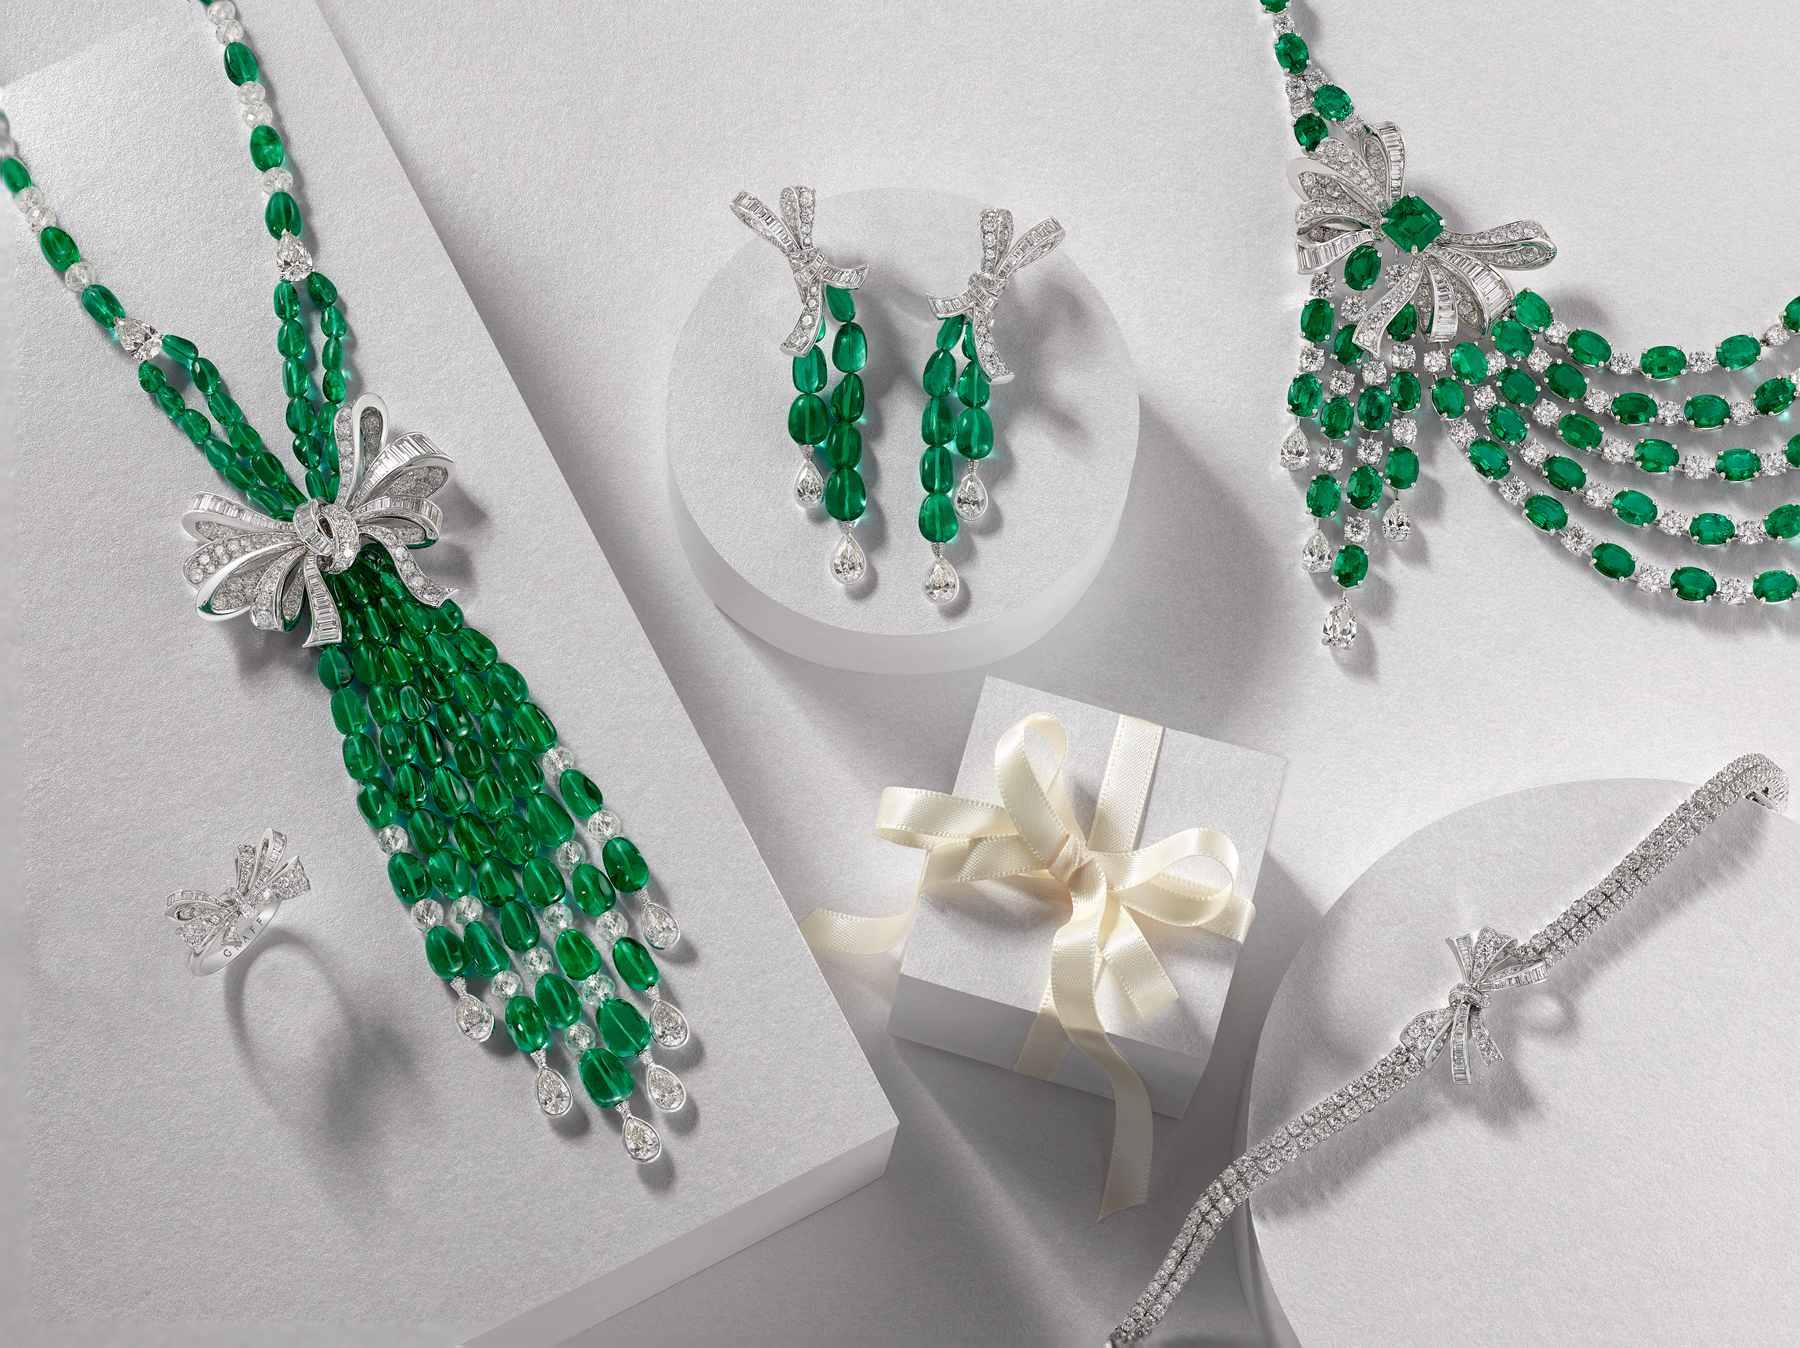 选上这八款华丽珠宝,让你可以美美过一个圣诞 | 理想生活实验室 - 为更理想的生活